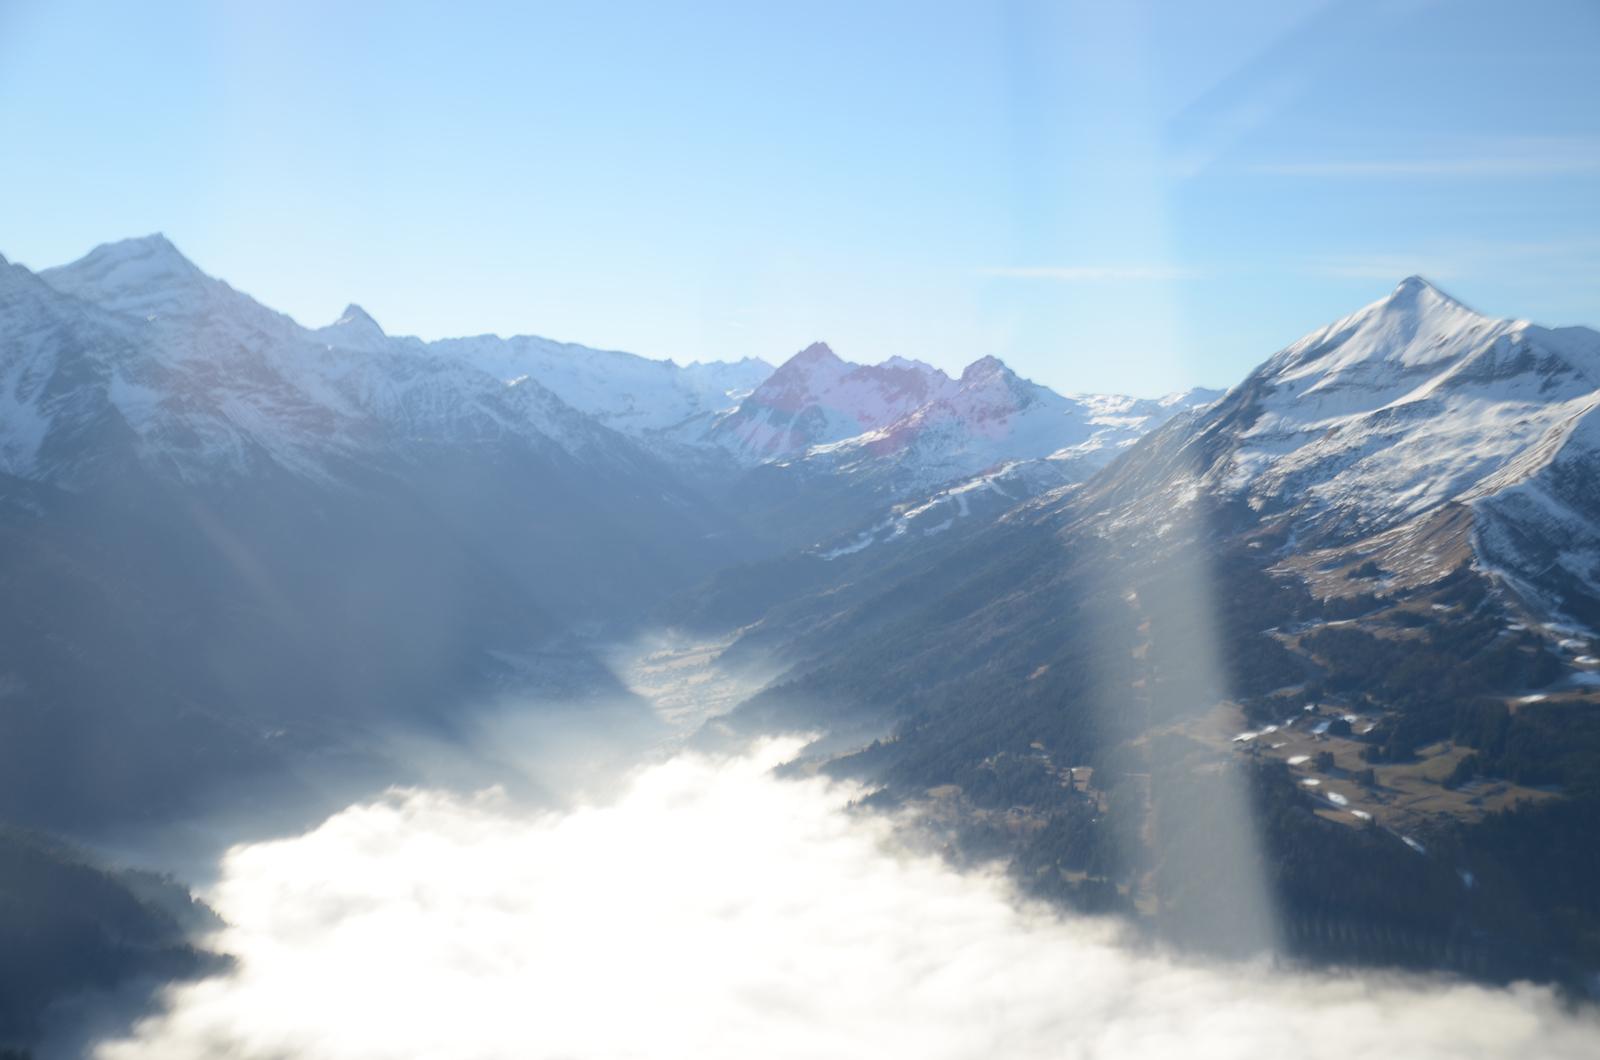 Le massif du Mont-blanc en avion